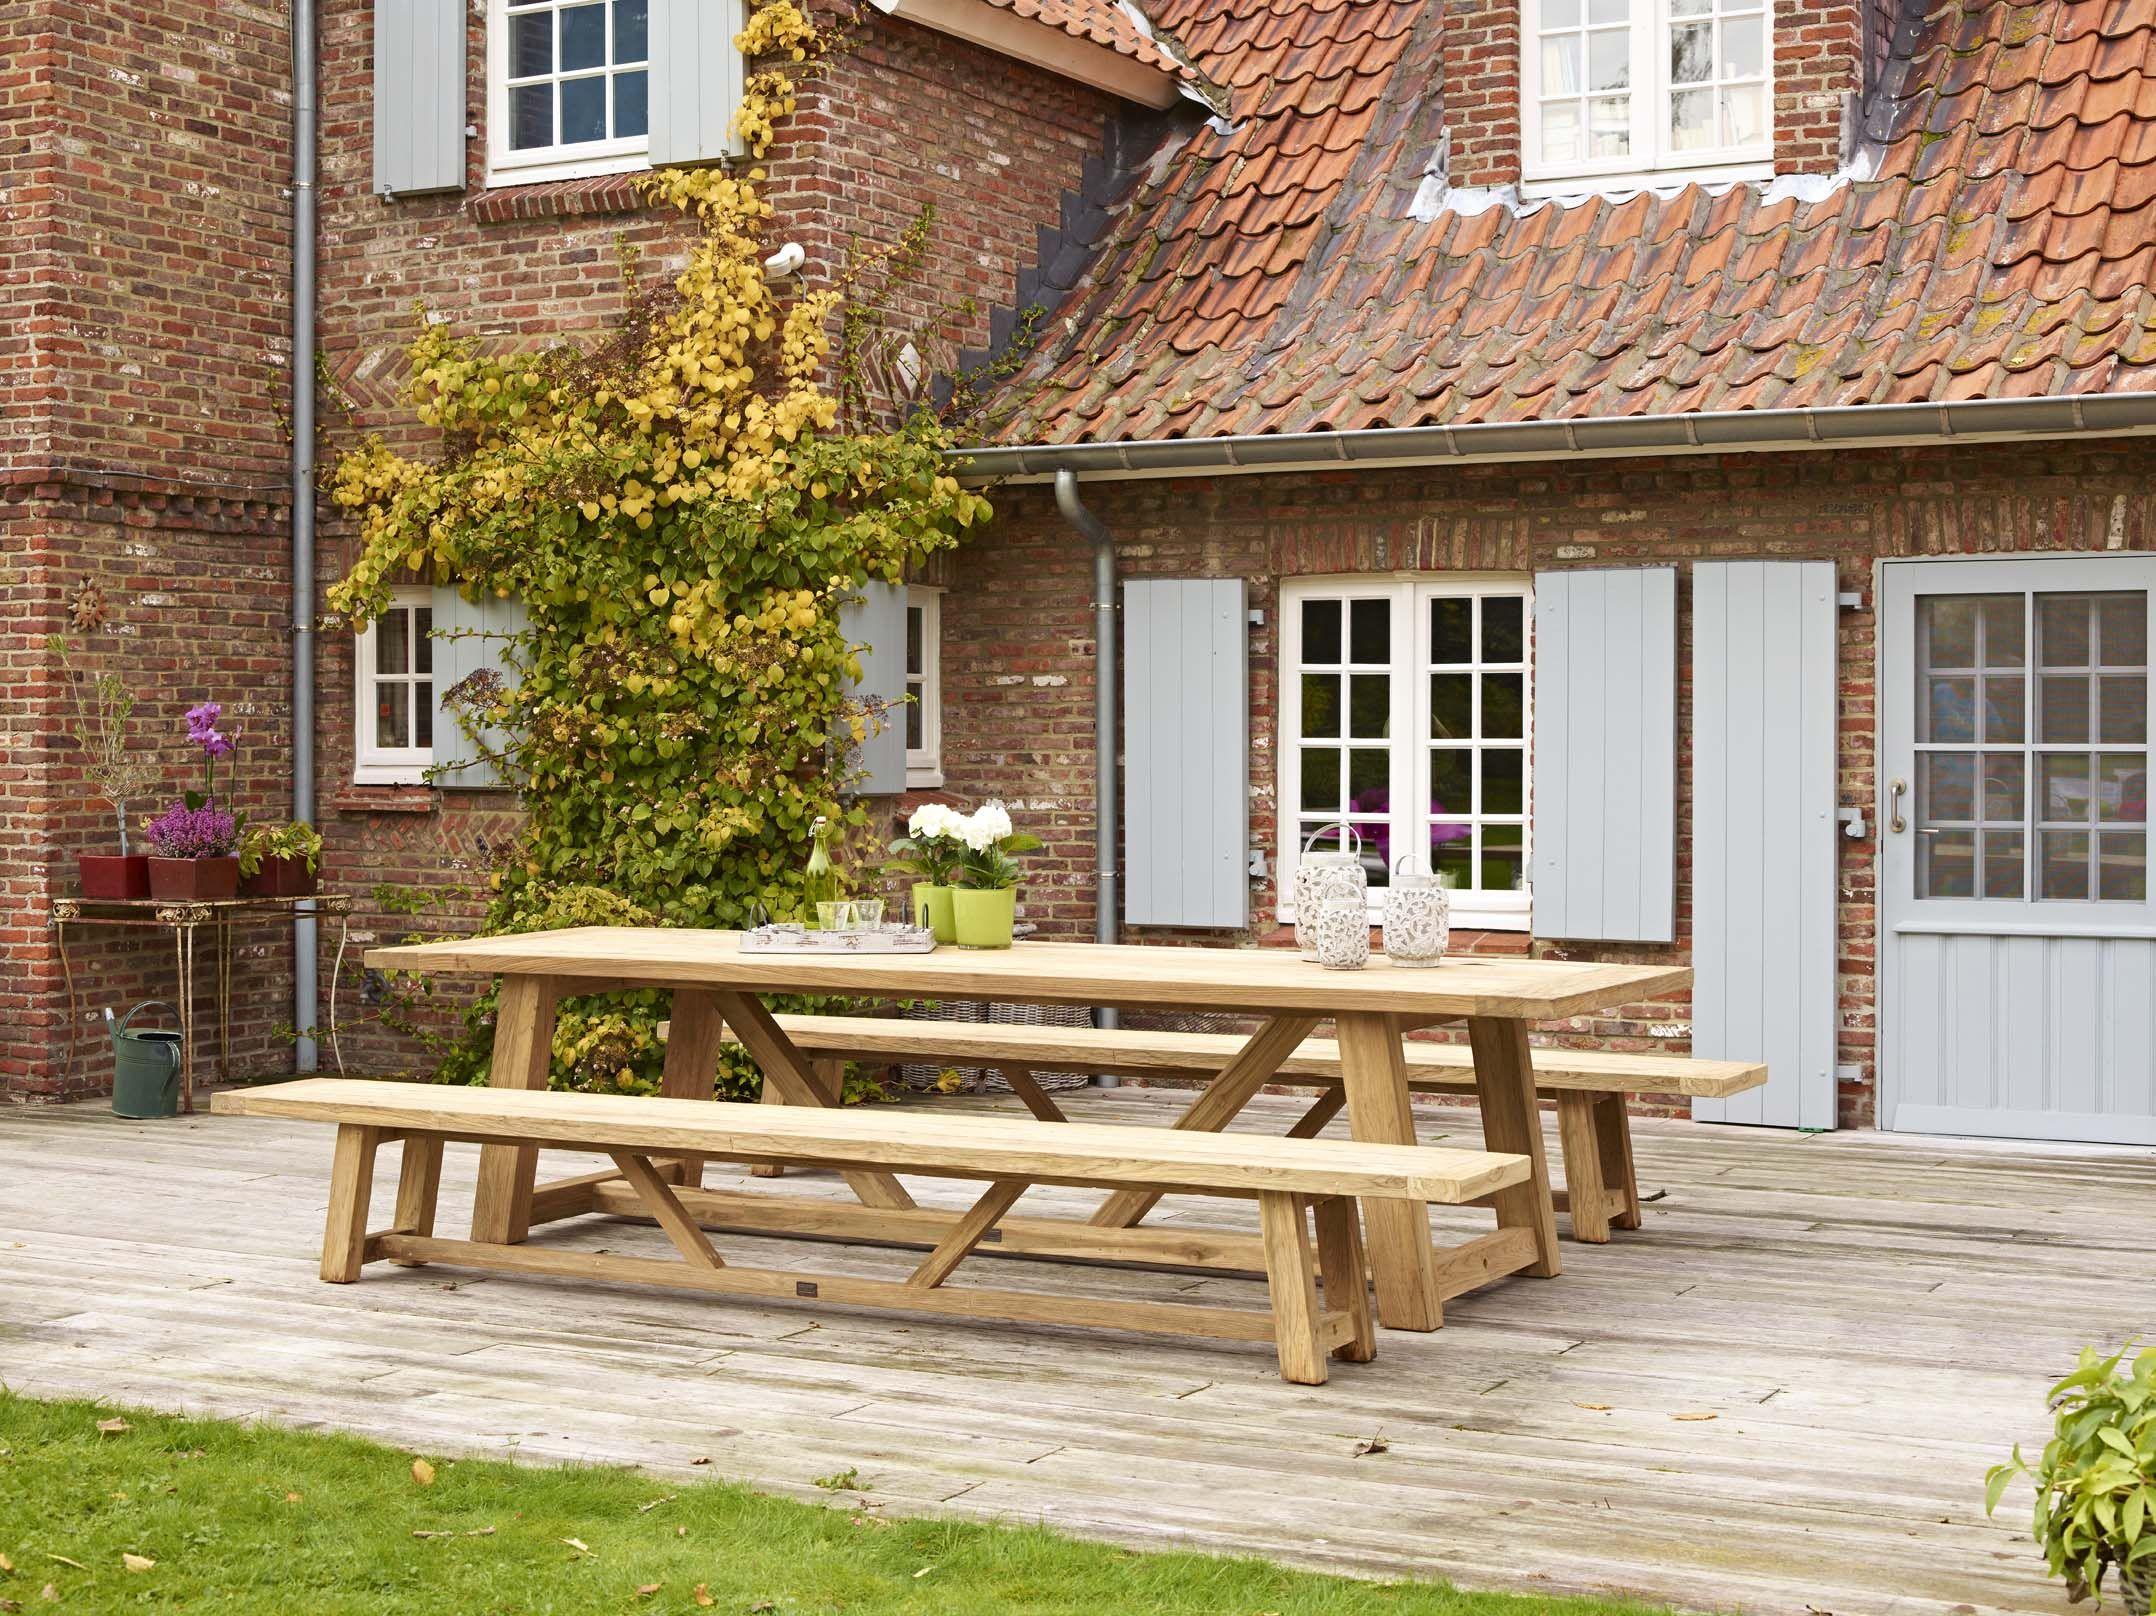 Gerecycleerde teak tafels Bristol Garden tuinmeubelen   Overstock   @Home   Pinterest   Bristol